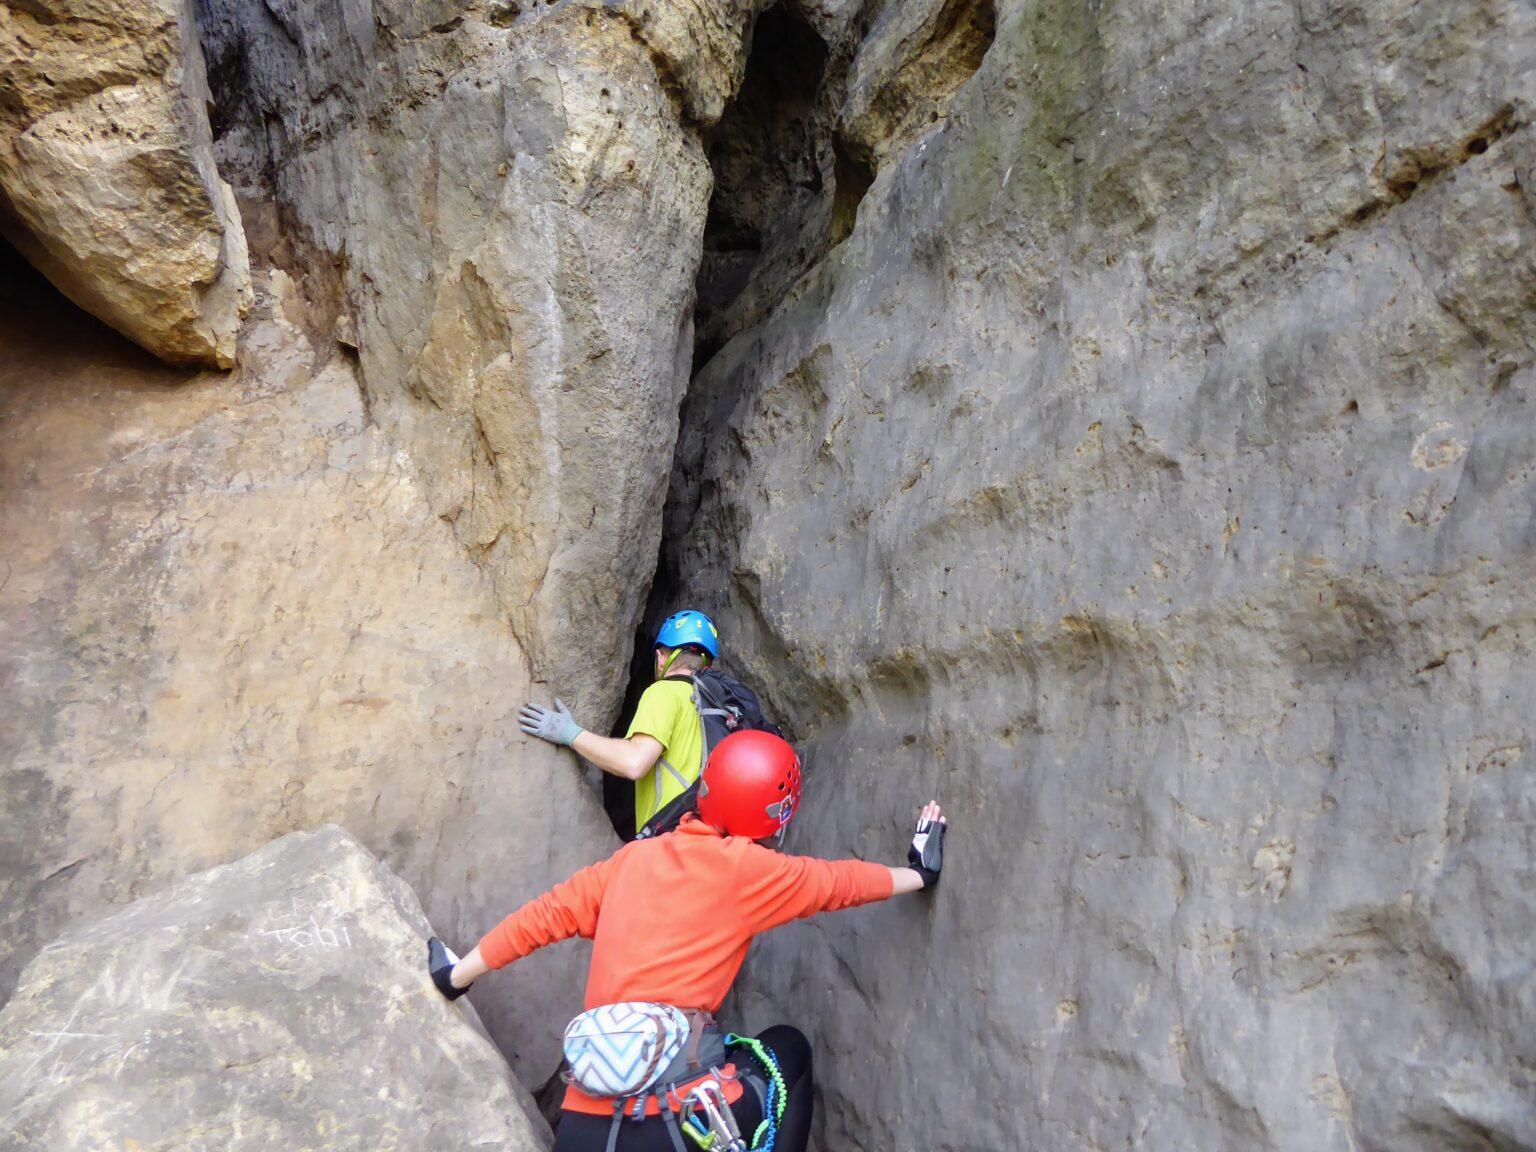 Turyście wchodzą do szczeliny - ferrata w Szwajcarii Saksońskiej